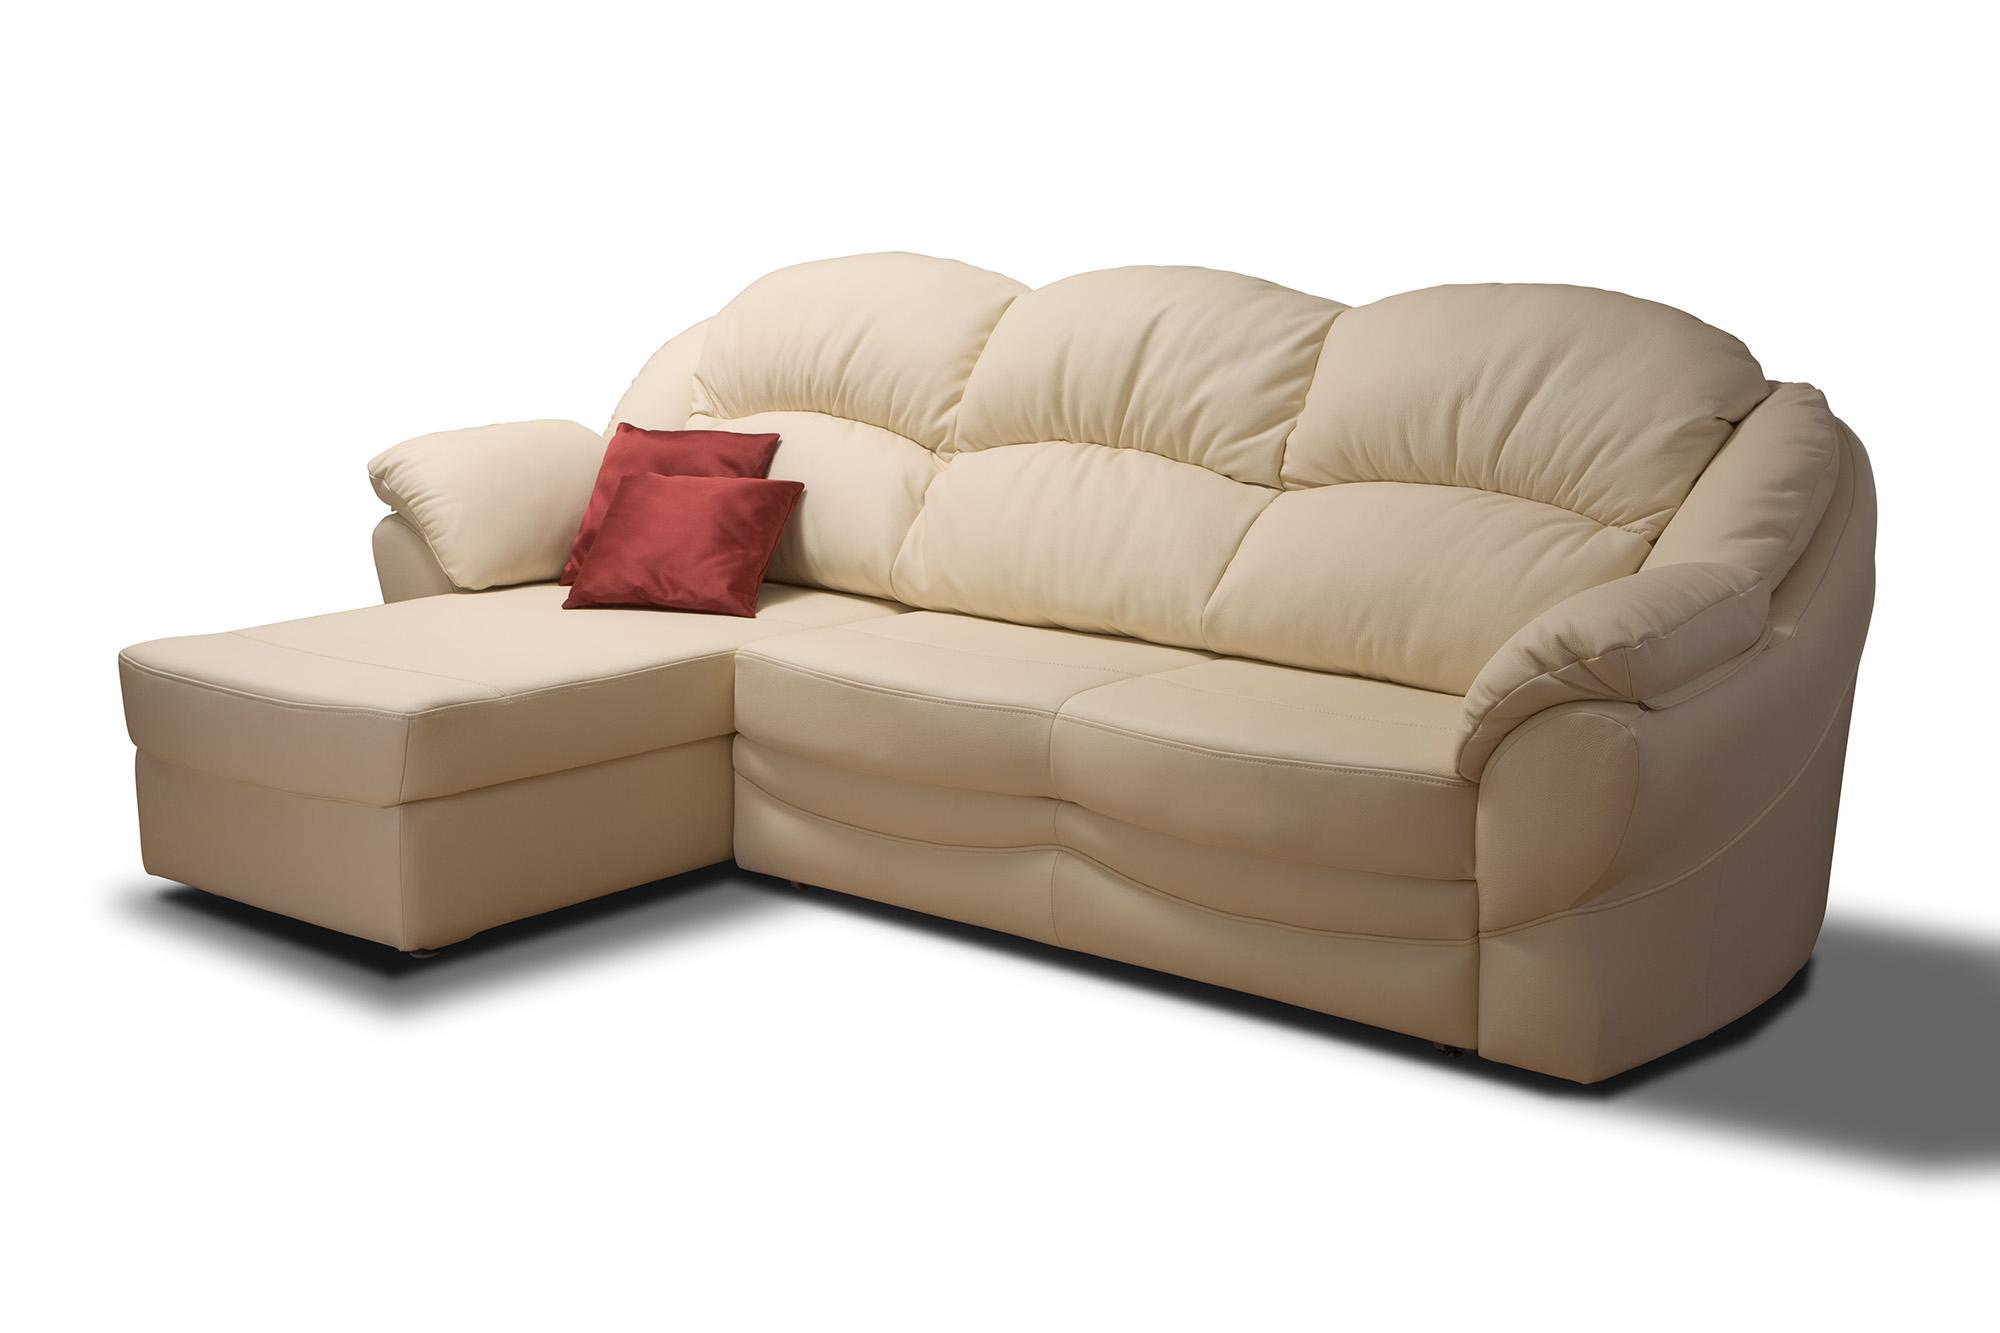 Бежевый диван с оттоманкой